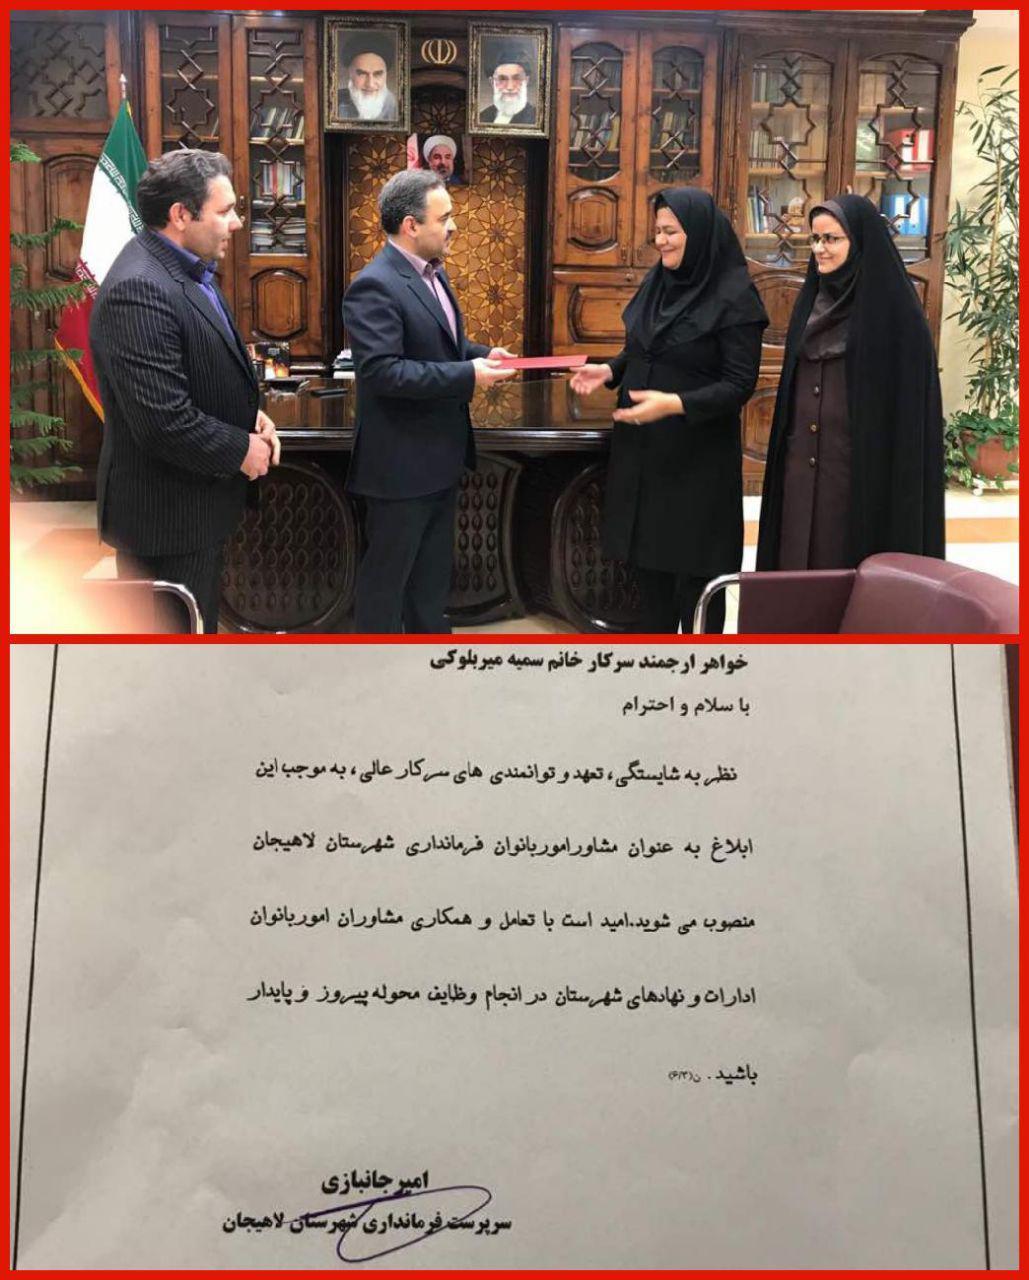 علی کریمی ناجی دختران سپیدرود میشود؟